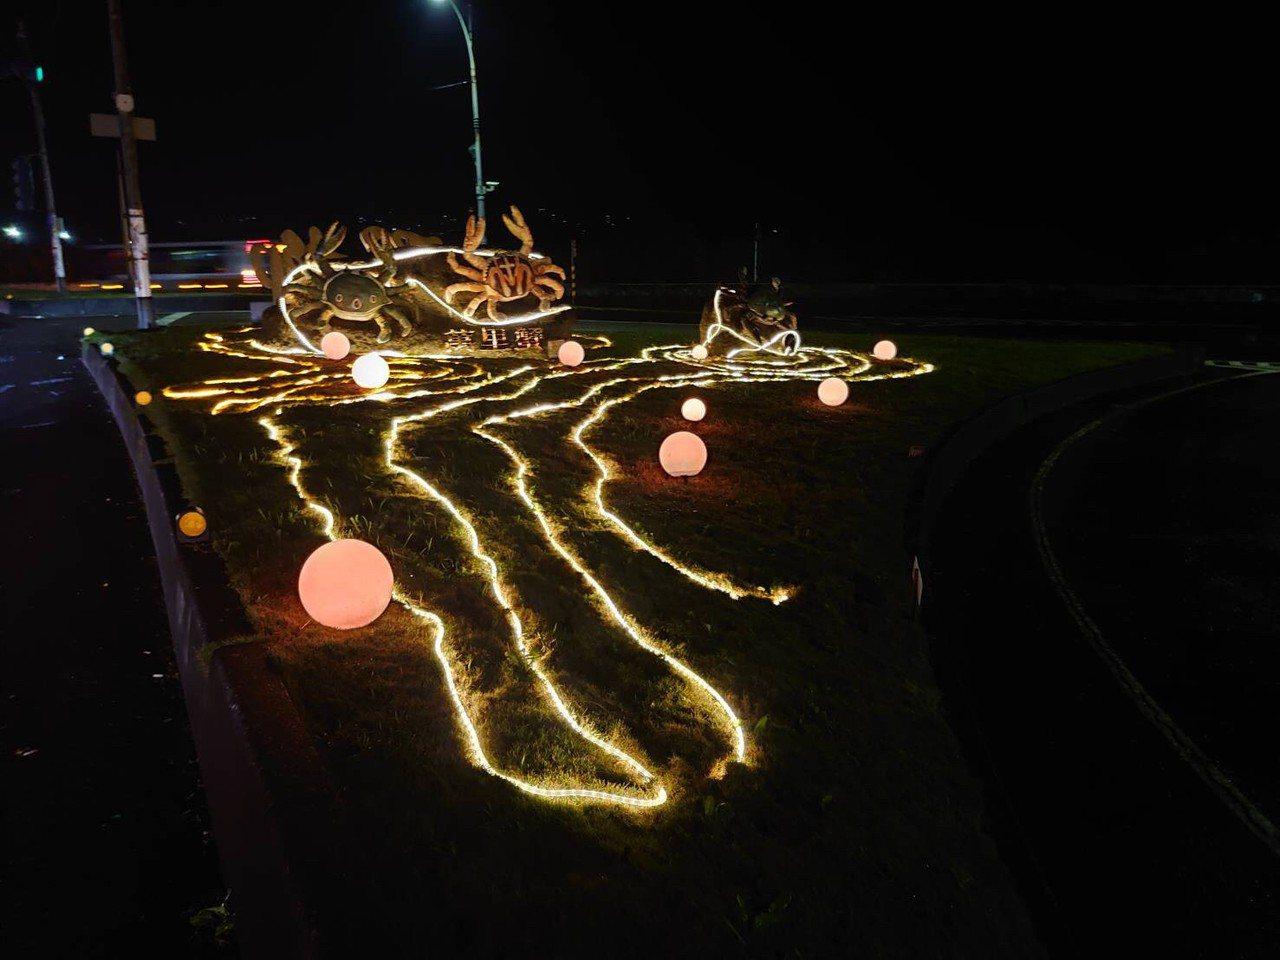 交通部觀光局北觀處前晚啟動戶外12處不同主題及造型意象燈飾「光環境」,運用燈飾裝...